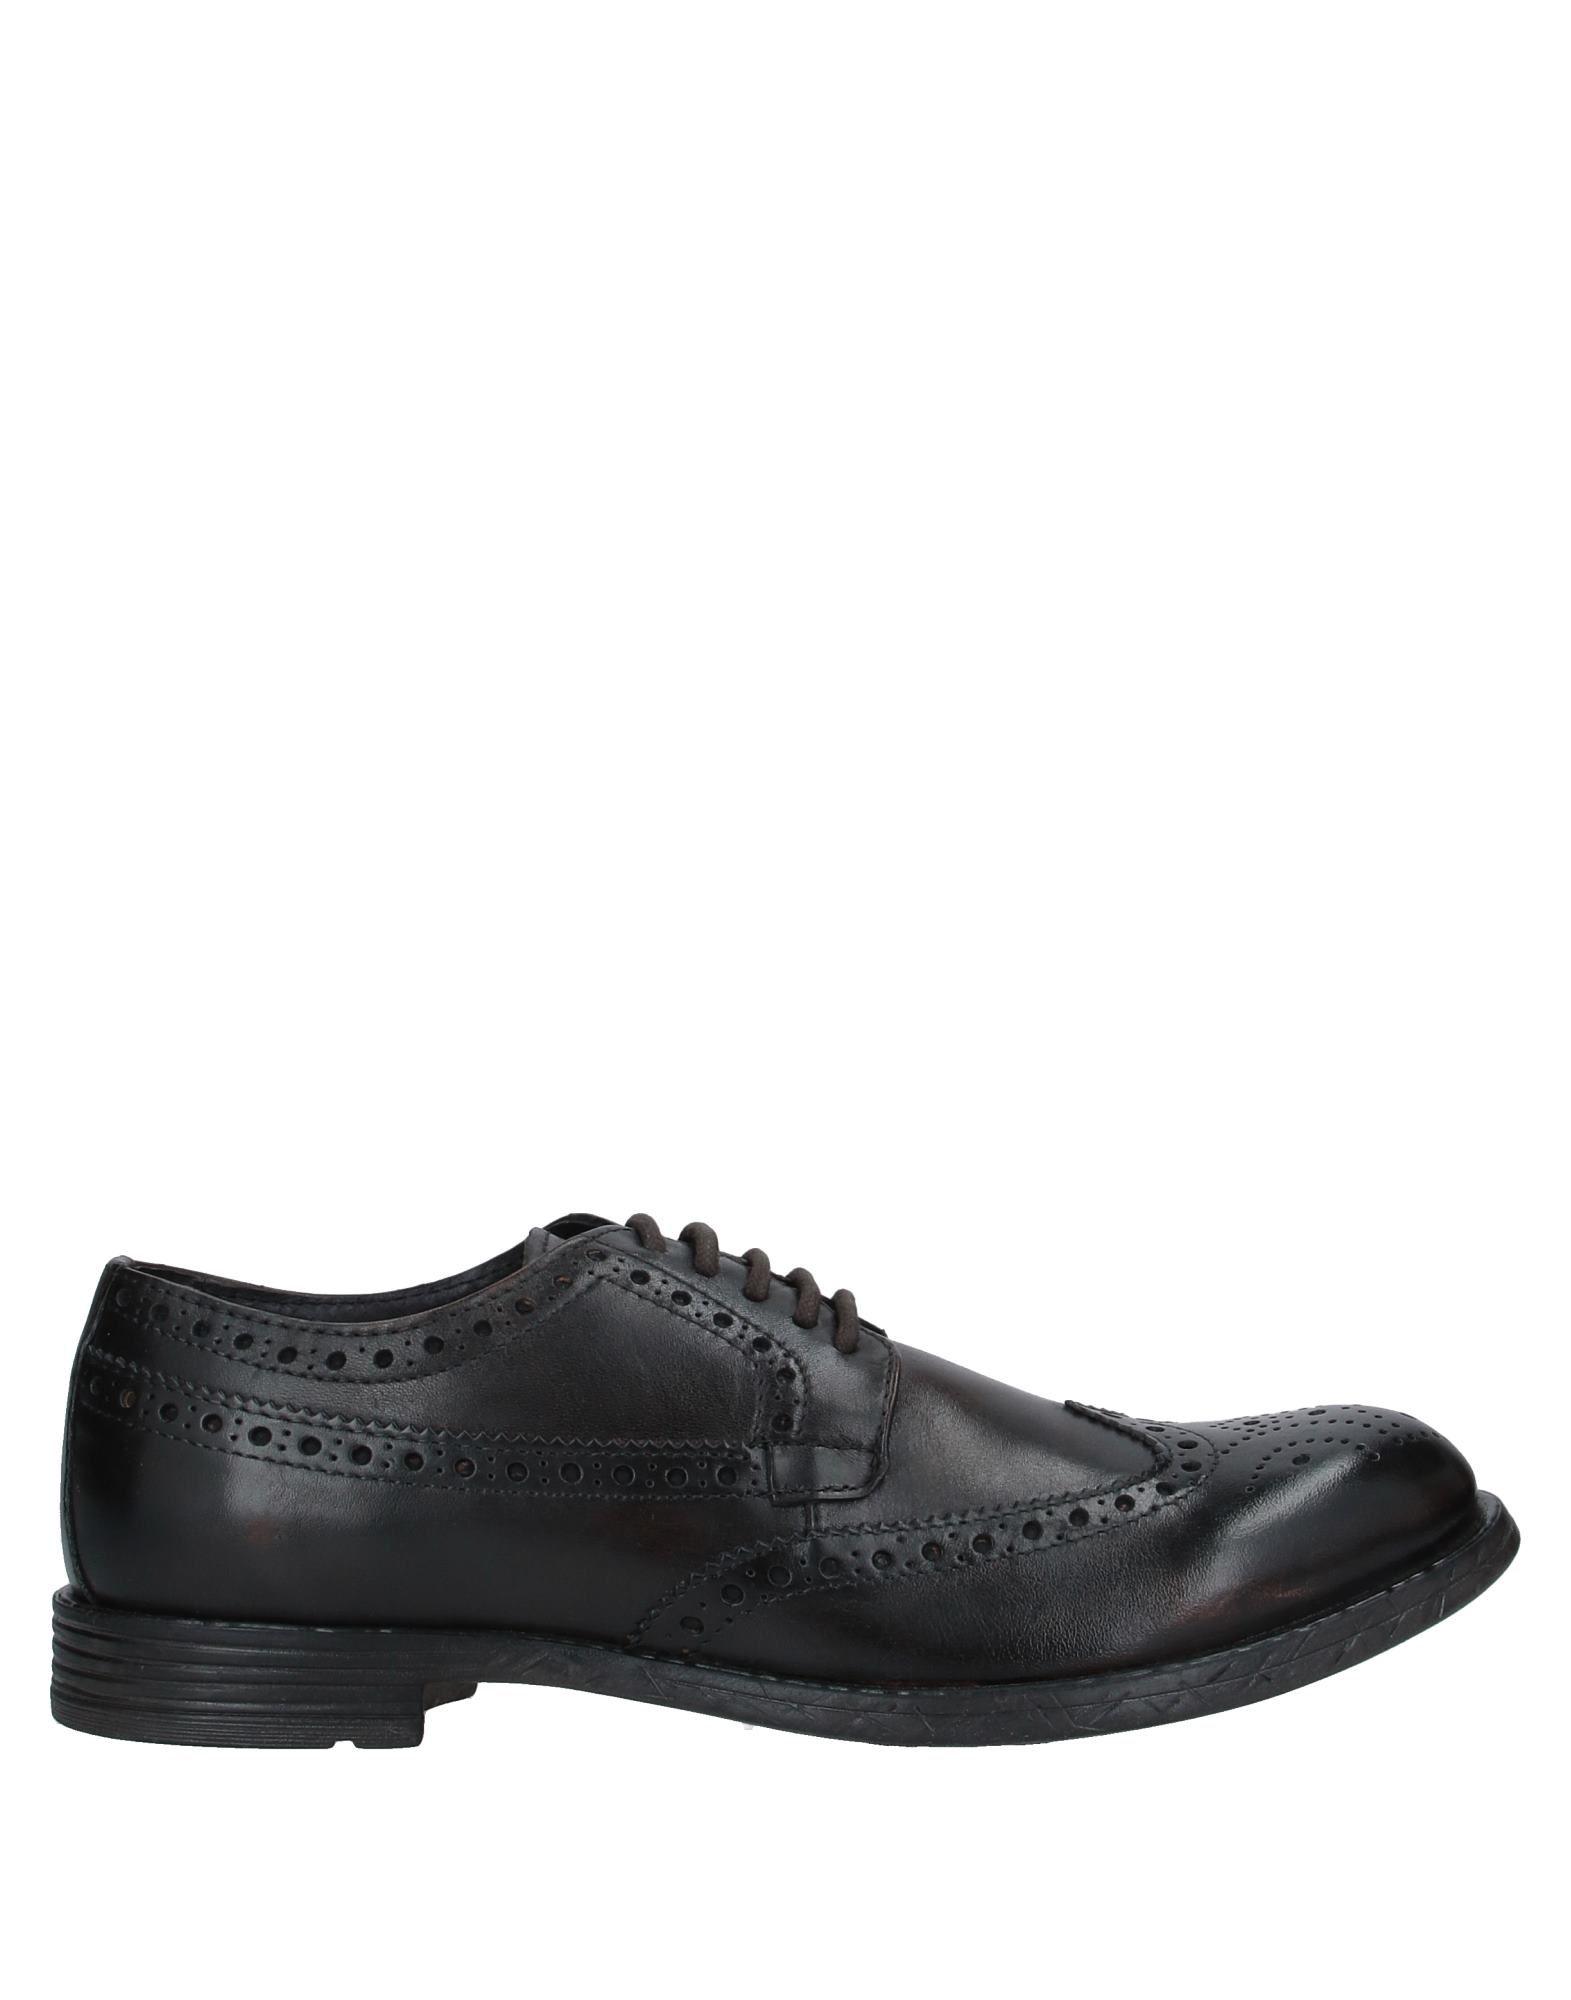 MANUEL RITZ Обувь на шнурках отсутствует manuel maconnique